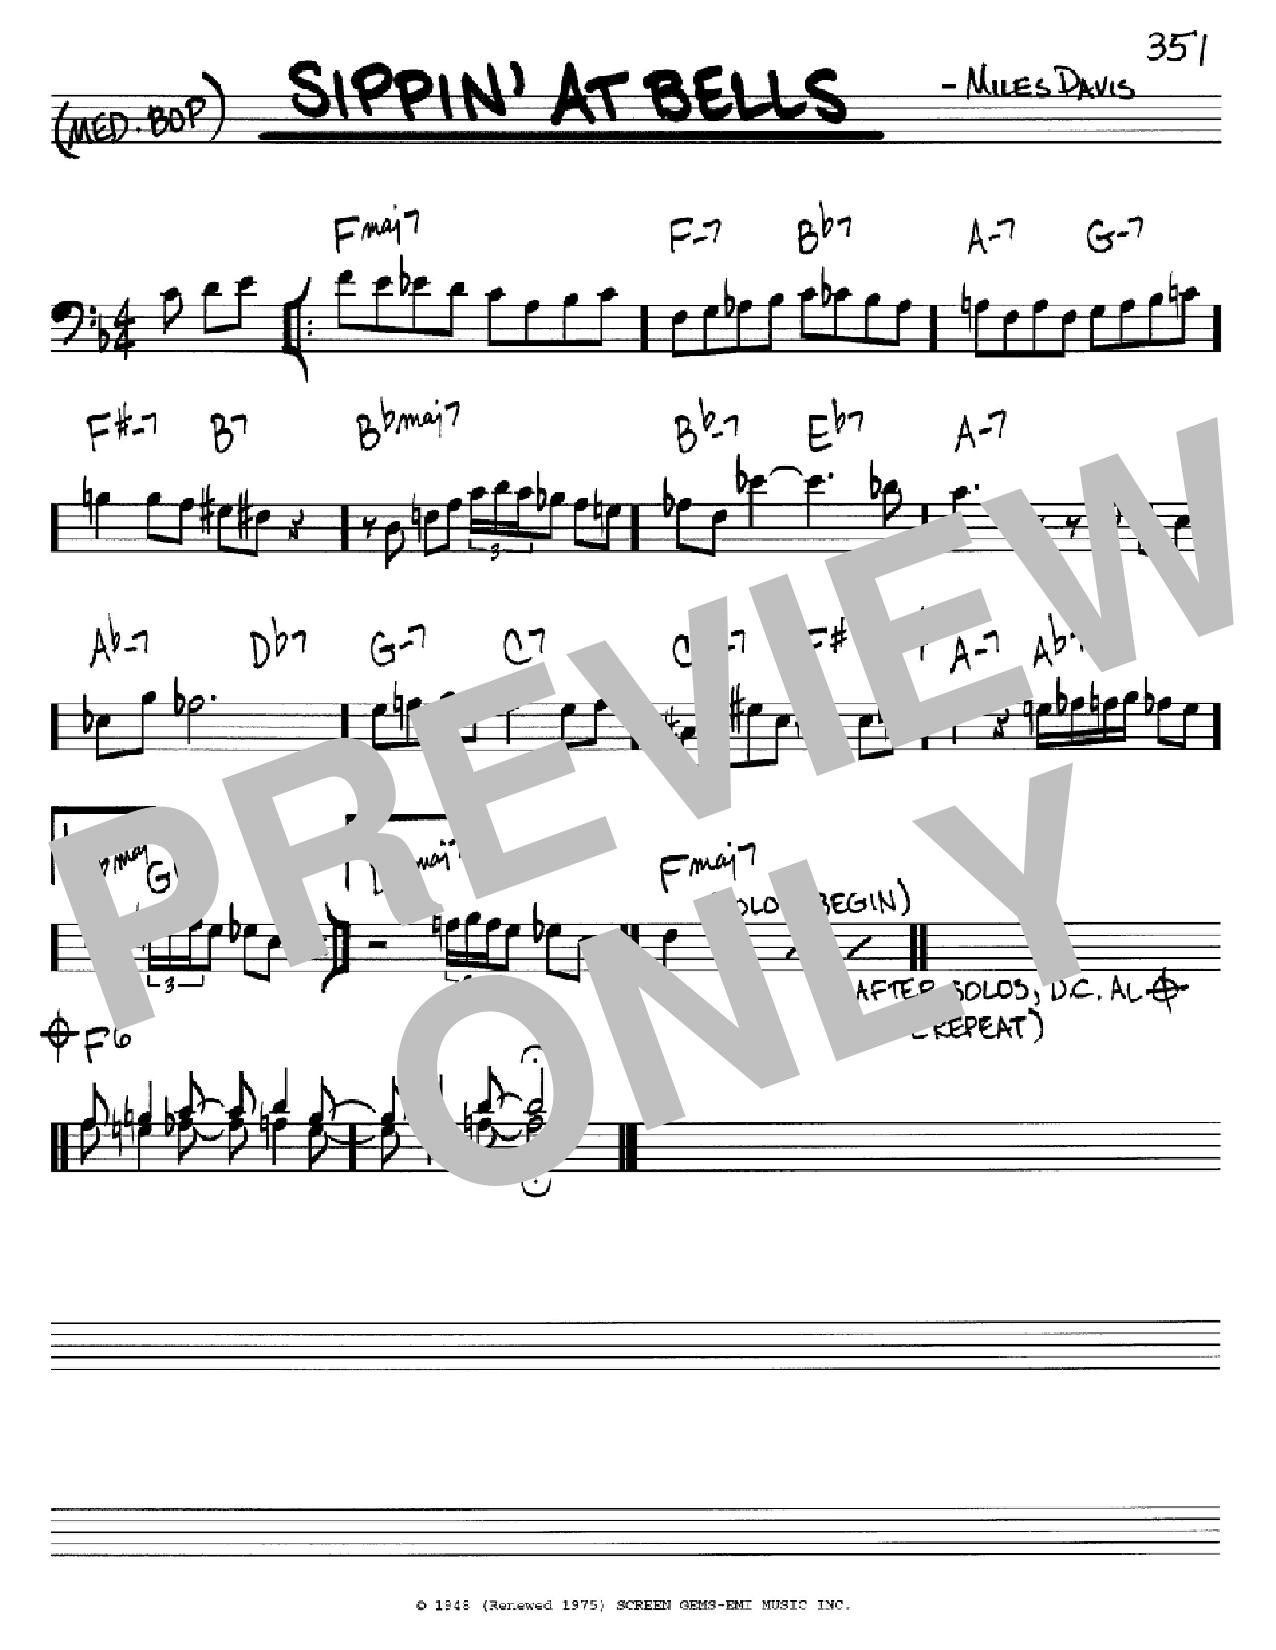 Partition autre Sippin' At Bells de Miles Davis - Real Book, Melodie et Accords, Inst. En cle de Fa